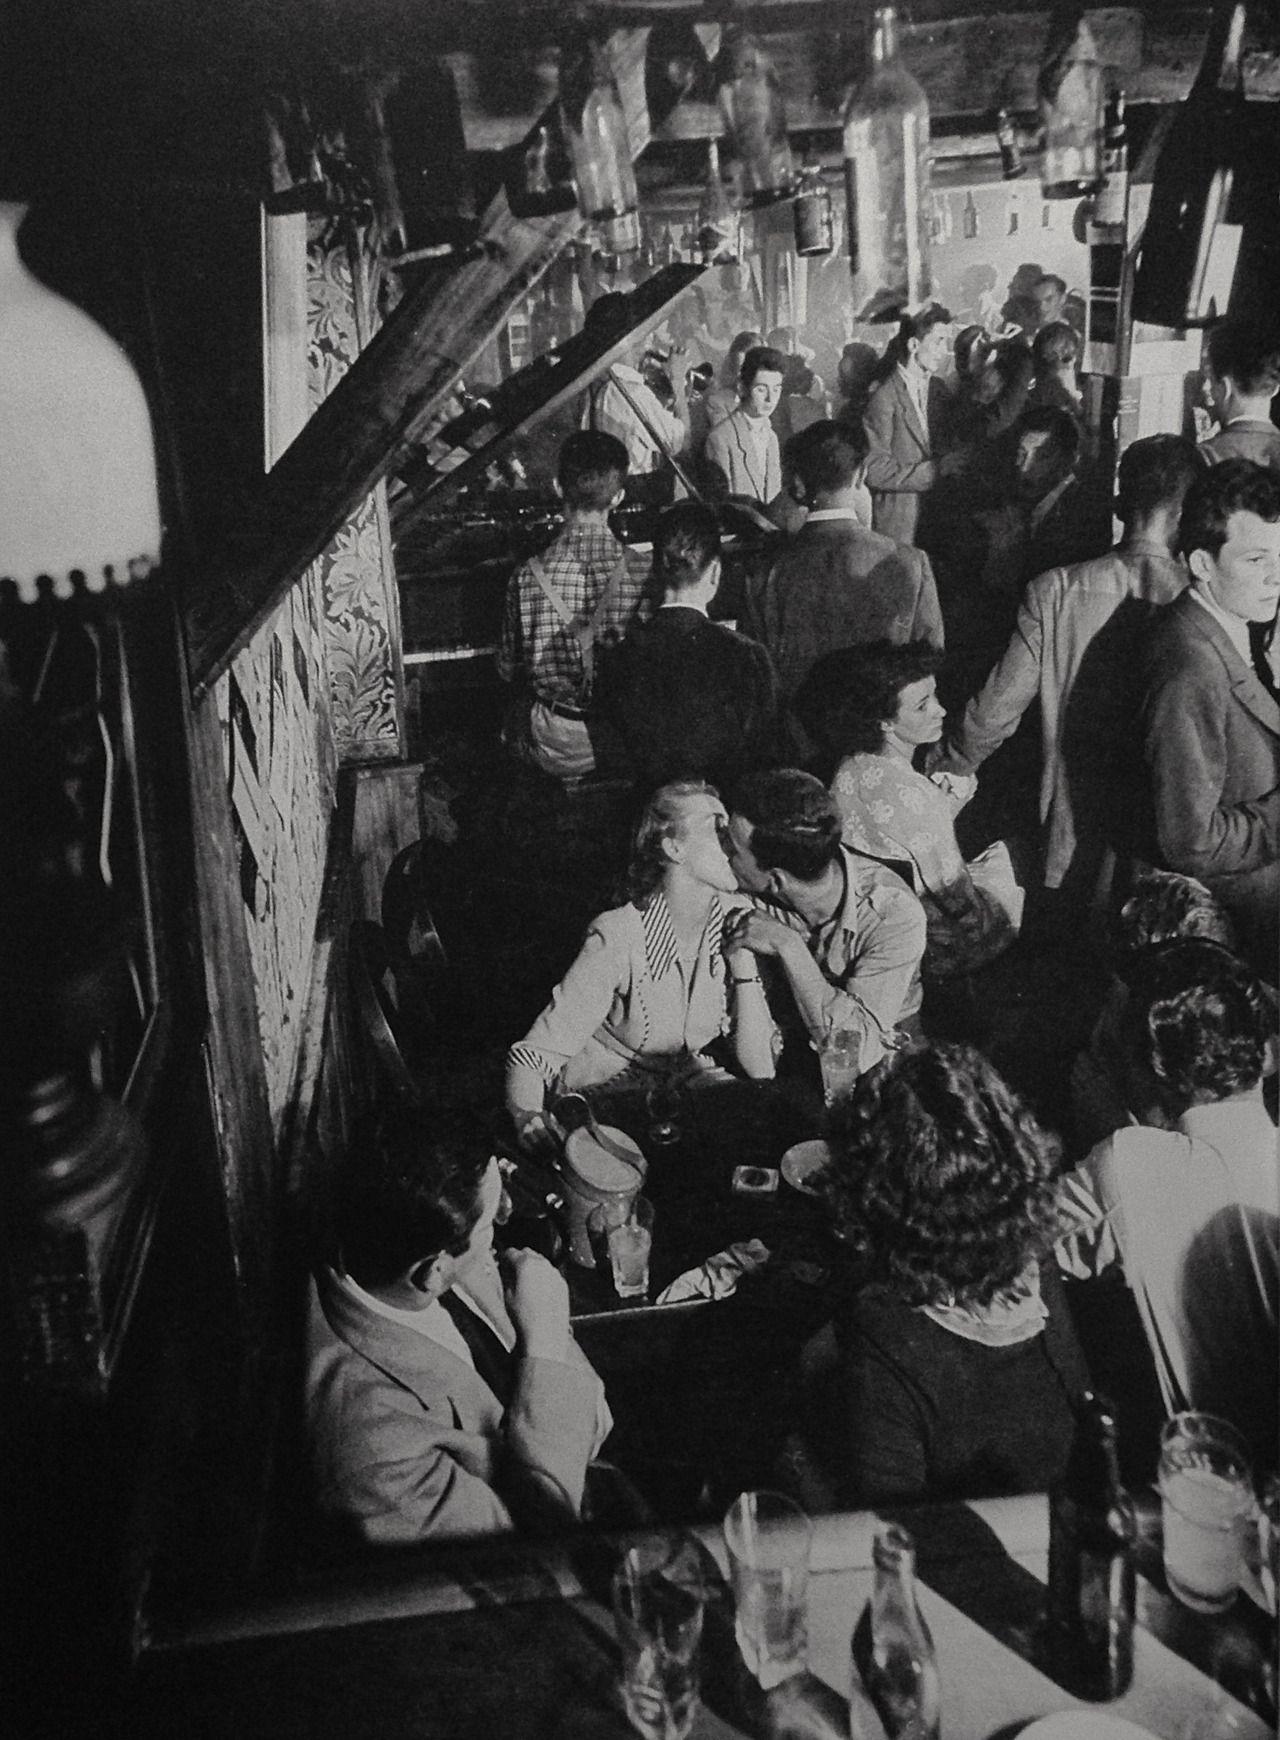 Paris in the 1940s (photo: Robert Doisneau).